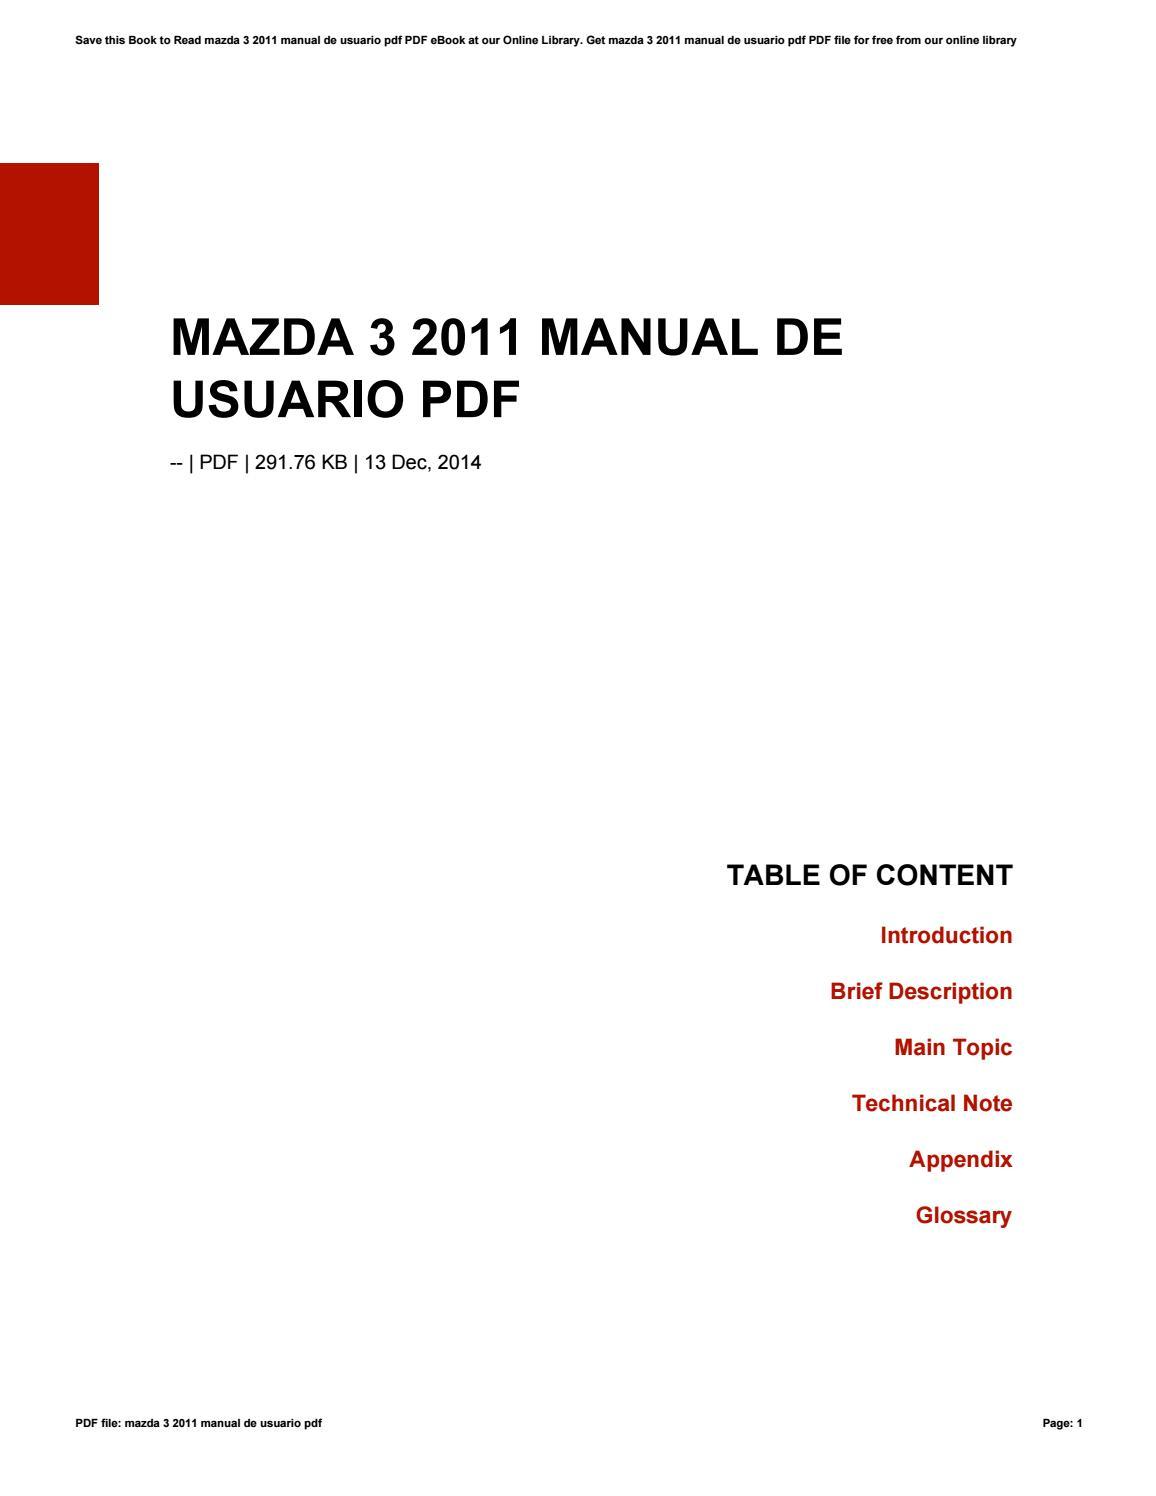 Mazda 3 2011 manual de usuario pdf by WalterStrecker1295